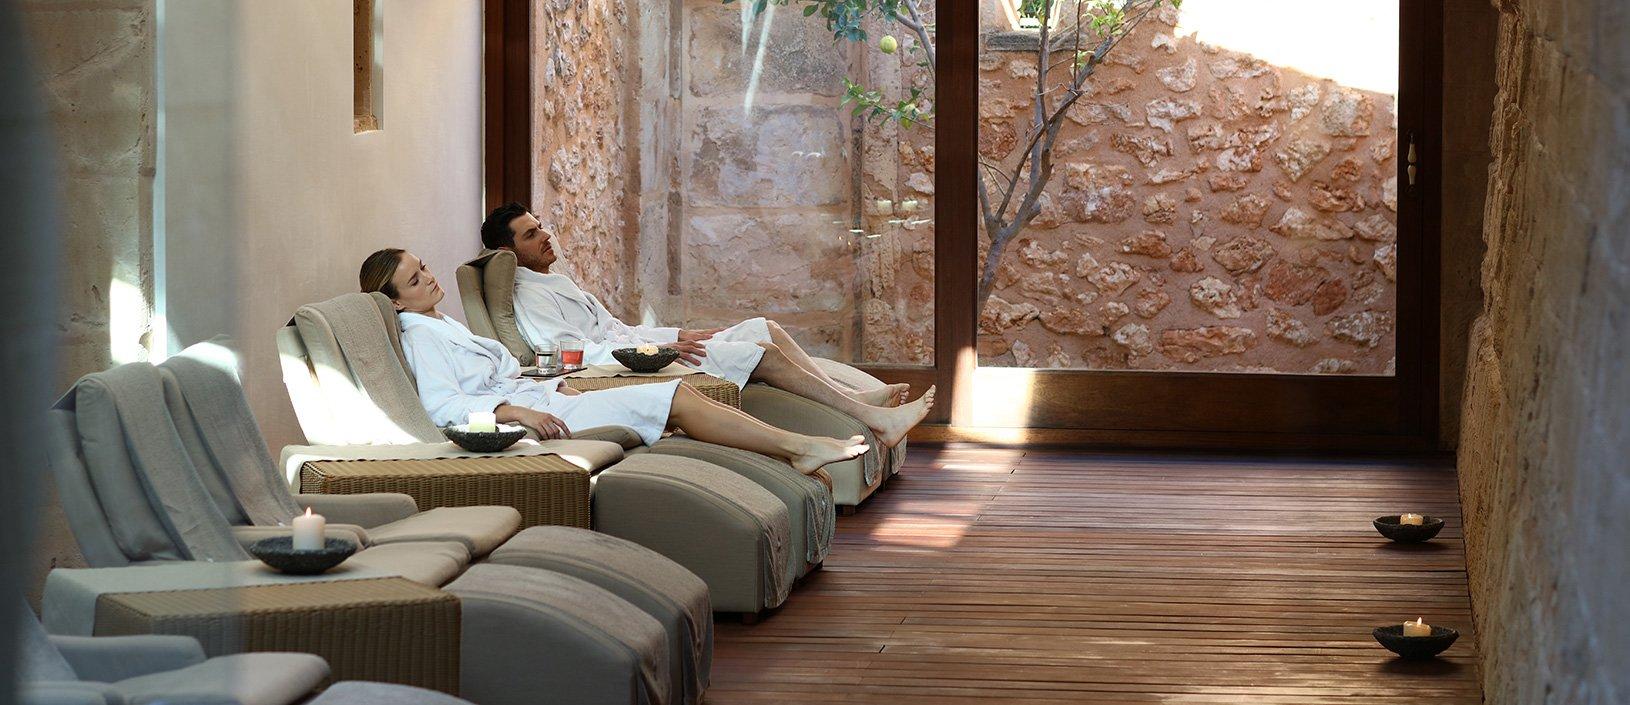 Sillones de masajes